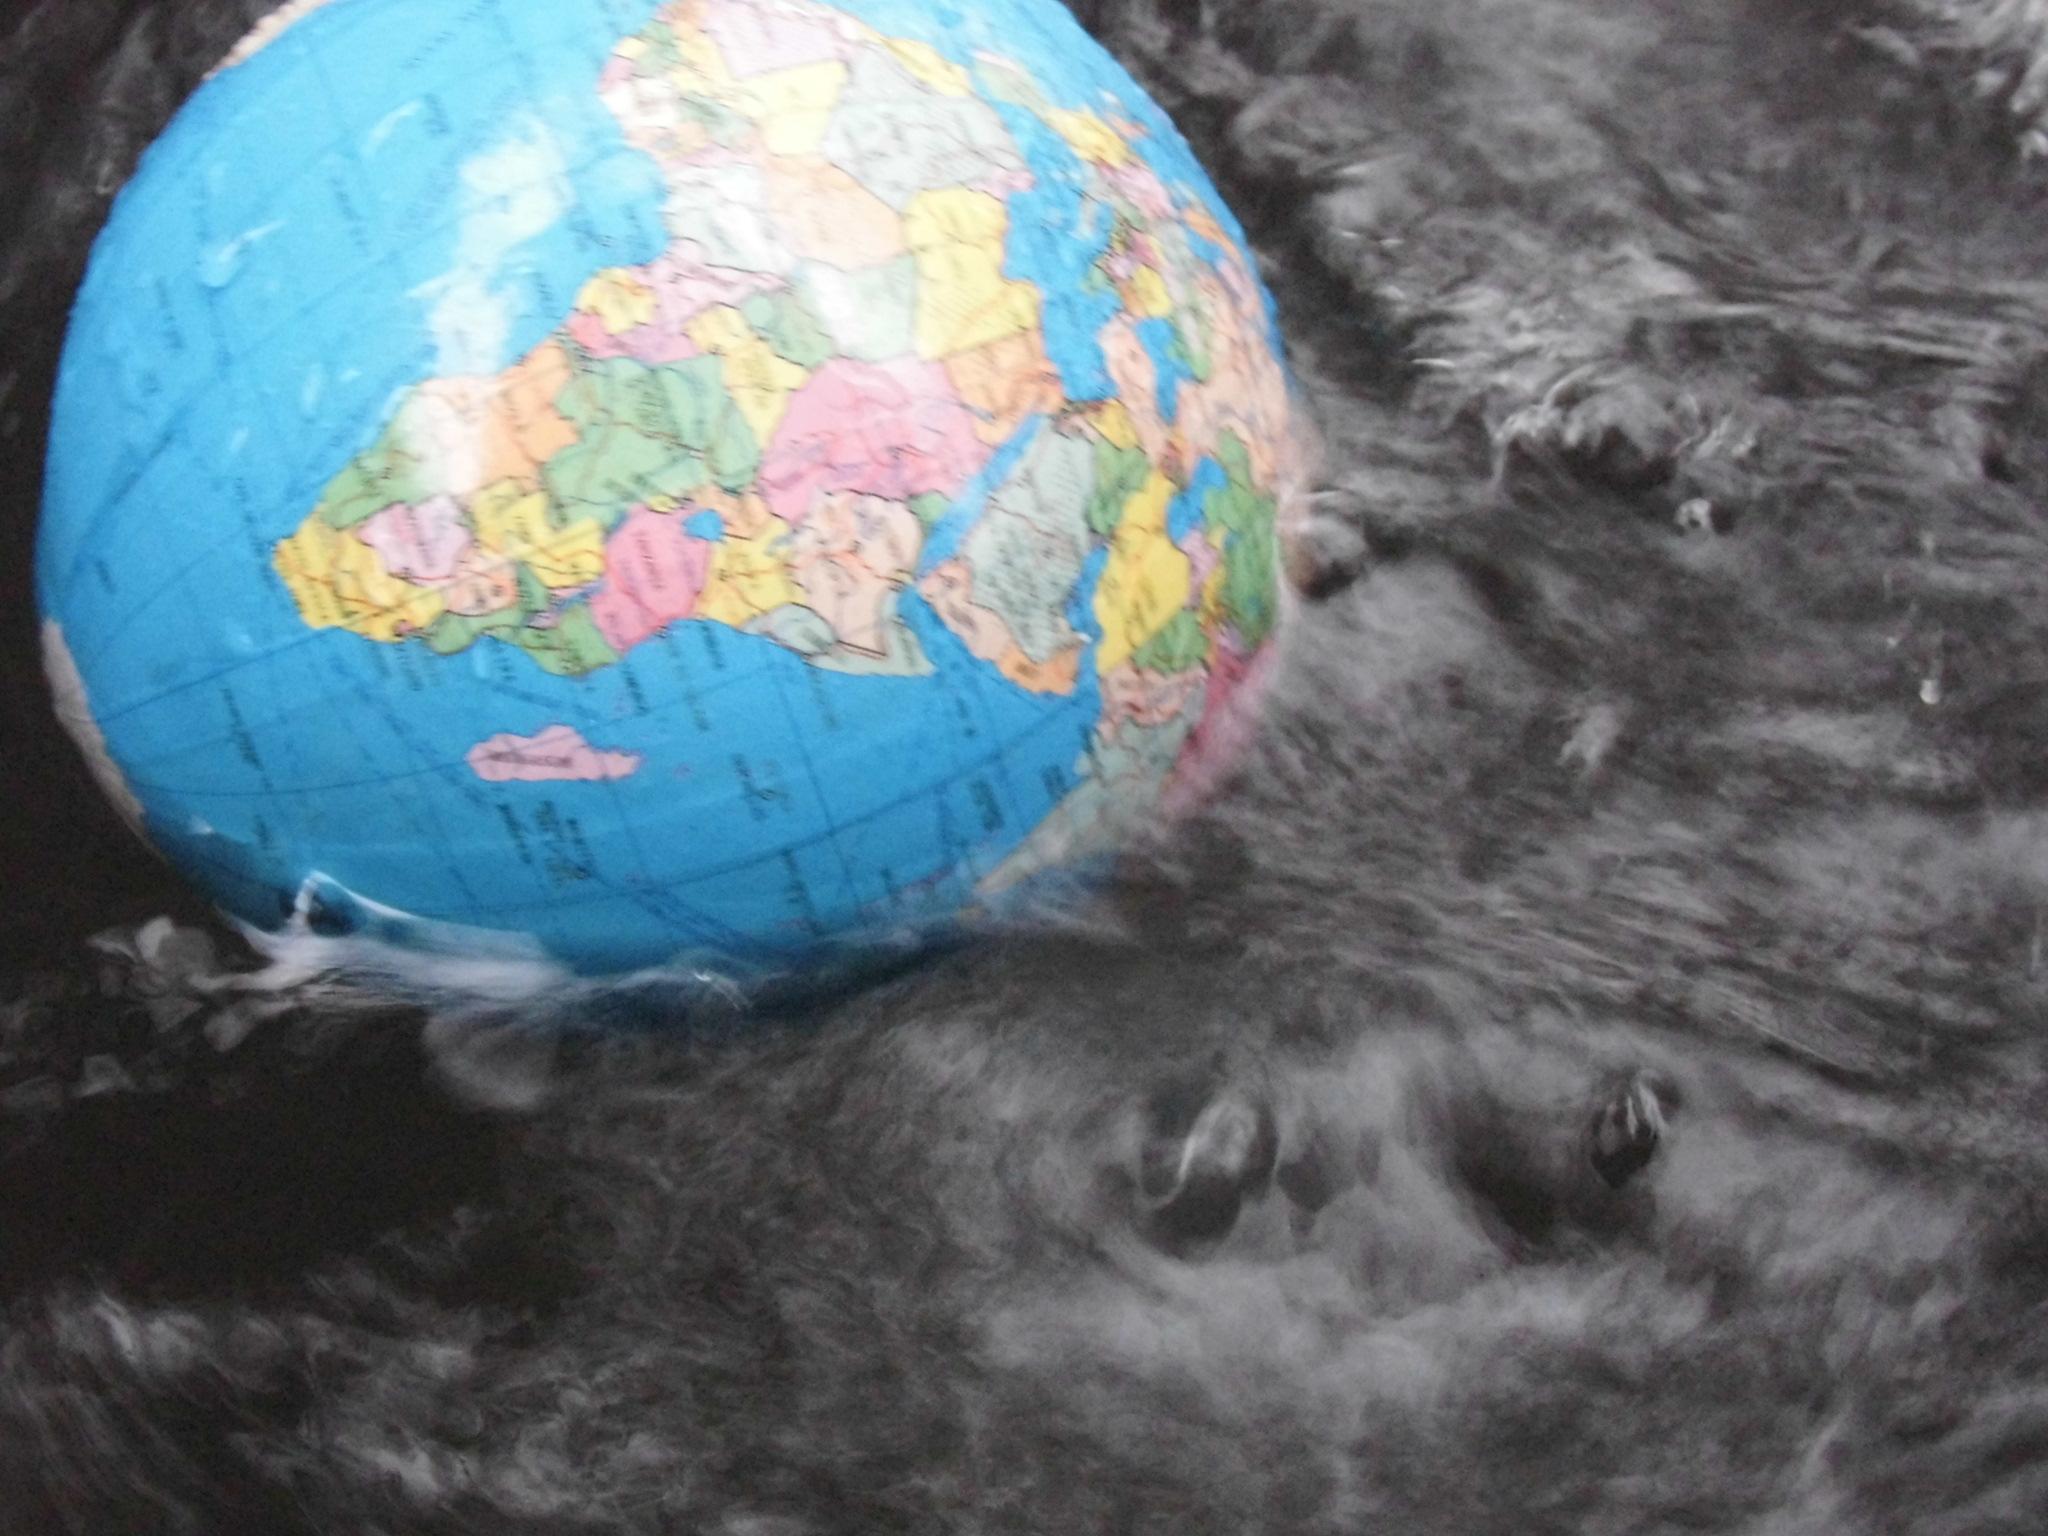 2018年「地球の滅亡」はあるのか!?正確な天地情報はここだけ!